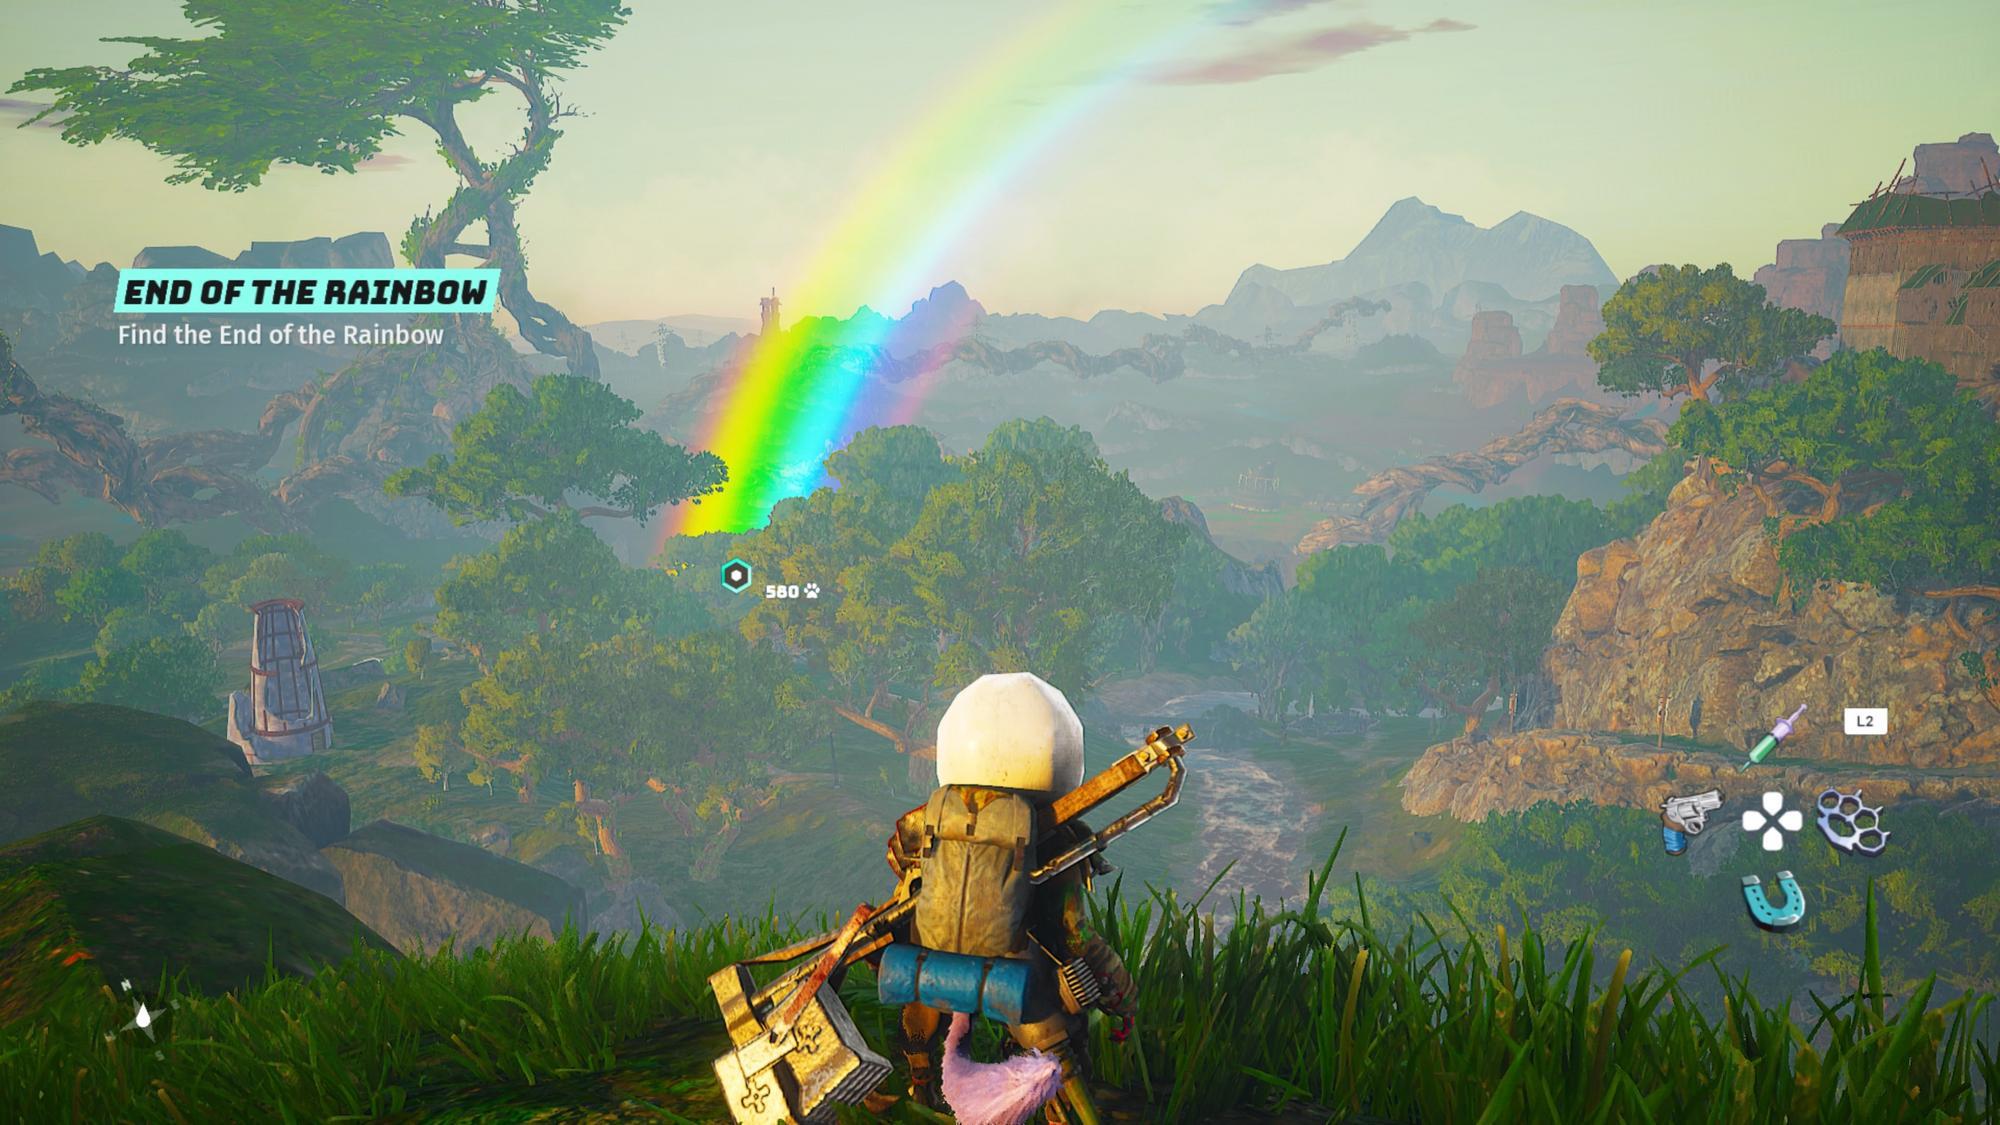 Farebná paleta je v tejto hre obzvlášť výrazná. Nie však za každého počasia.